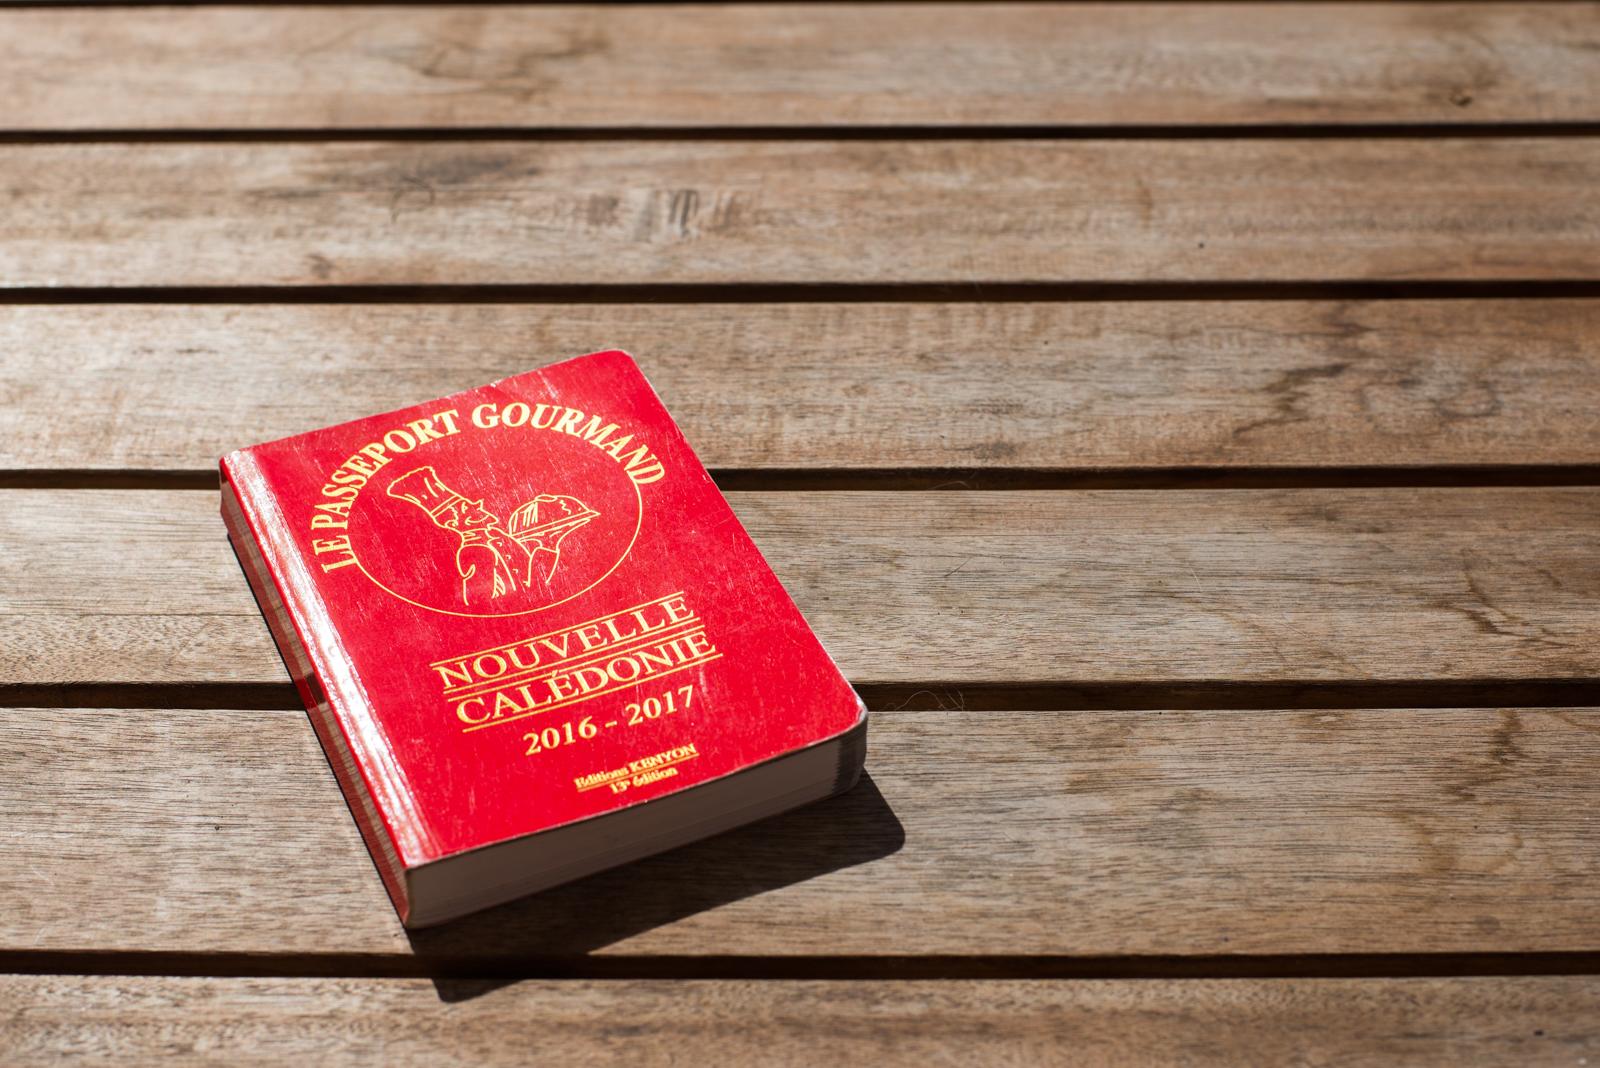 Nouvelle-Calédonie à petit prix #3 : Passeport Gourmand